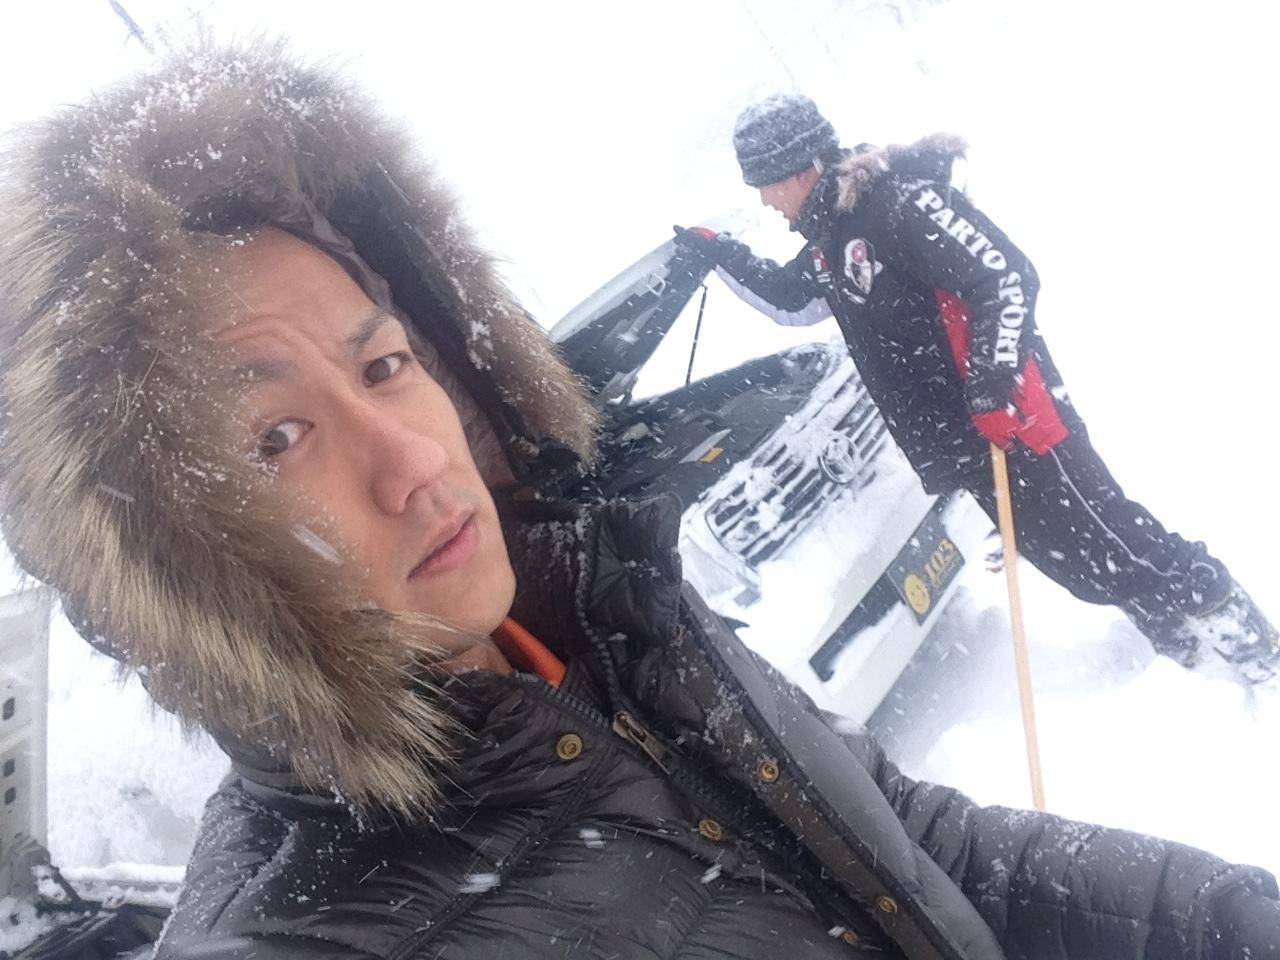 東京オートサロン準備の予定が除雪始めに、明寿ブログ、ランクル200ディーゼル_b0127002_20214125.jpg